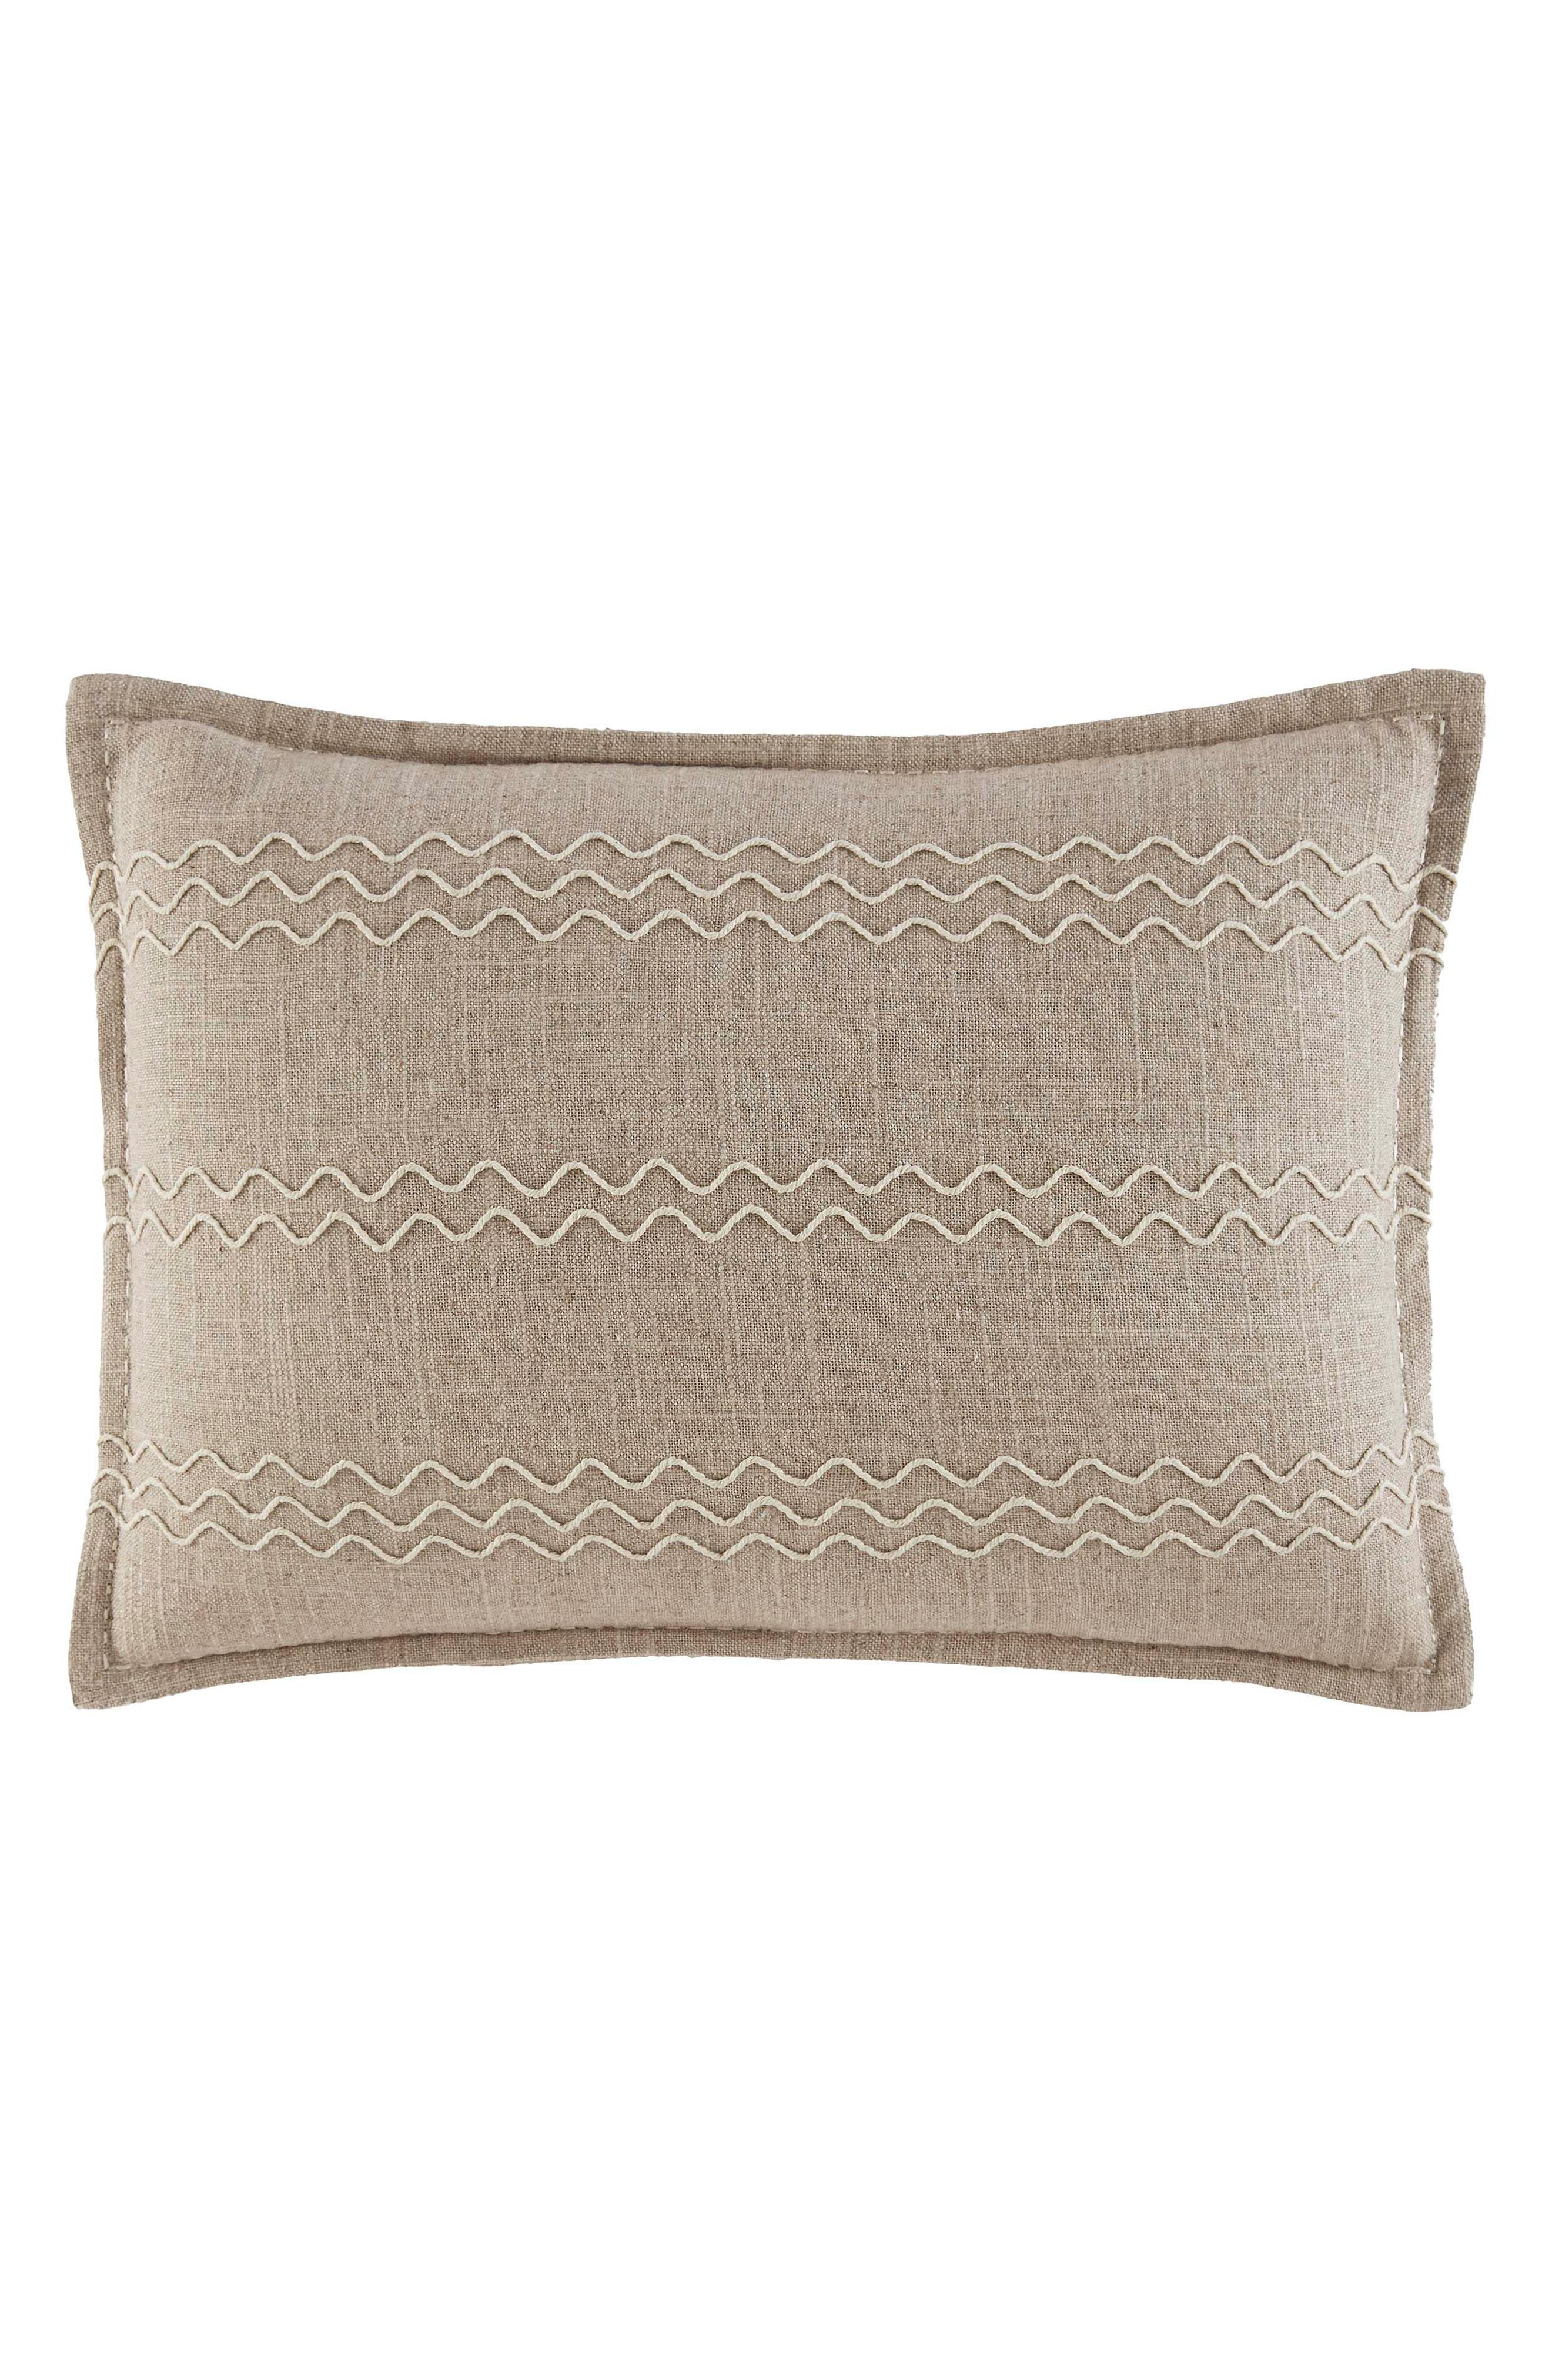 Mosaic Tile Pillow,                         Main,                         color, 250